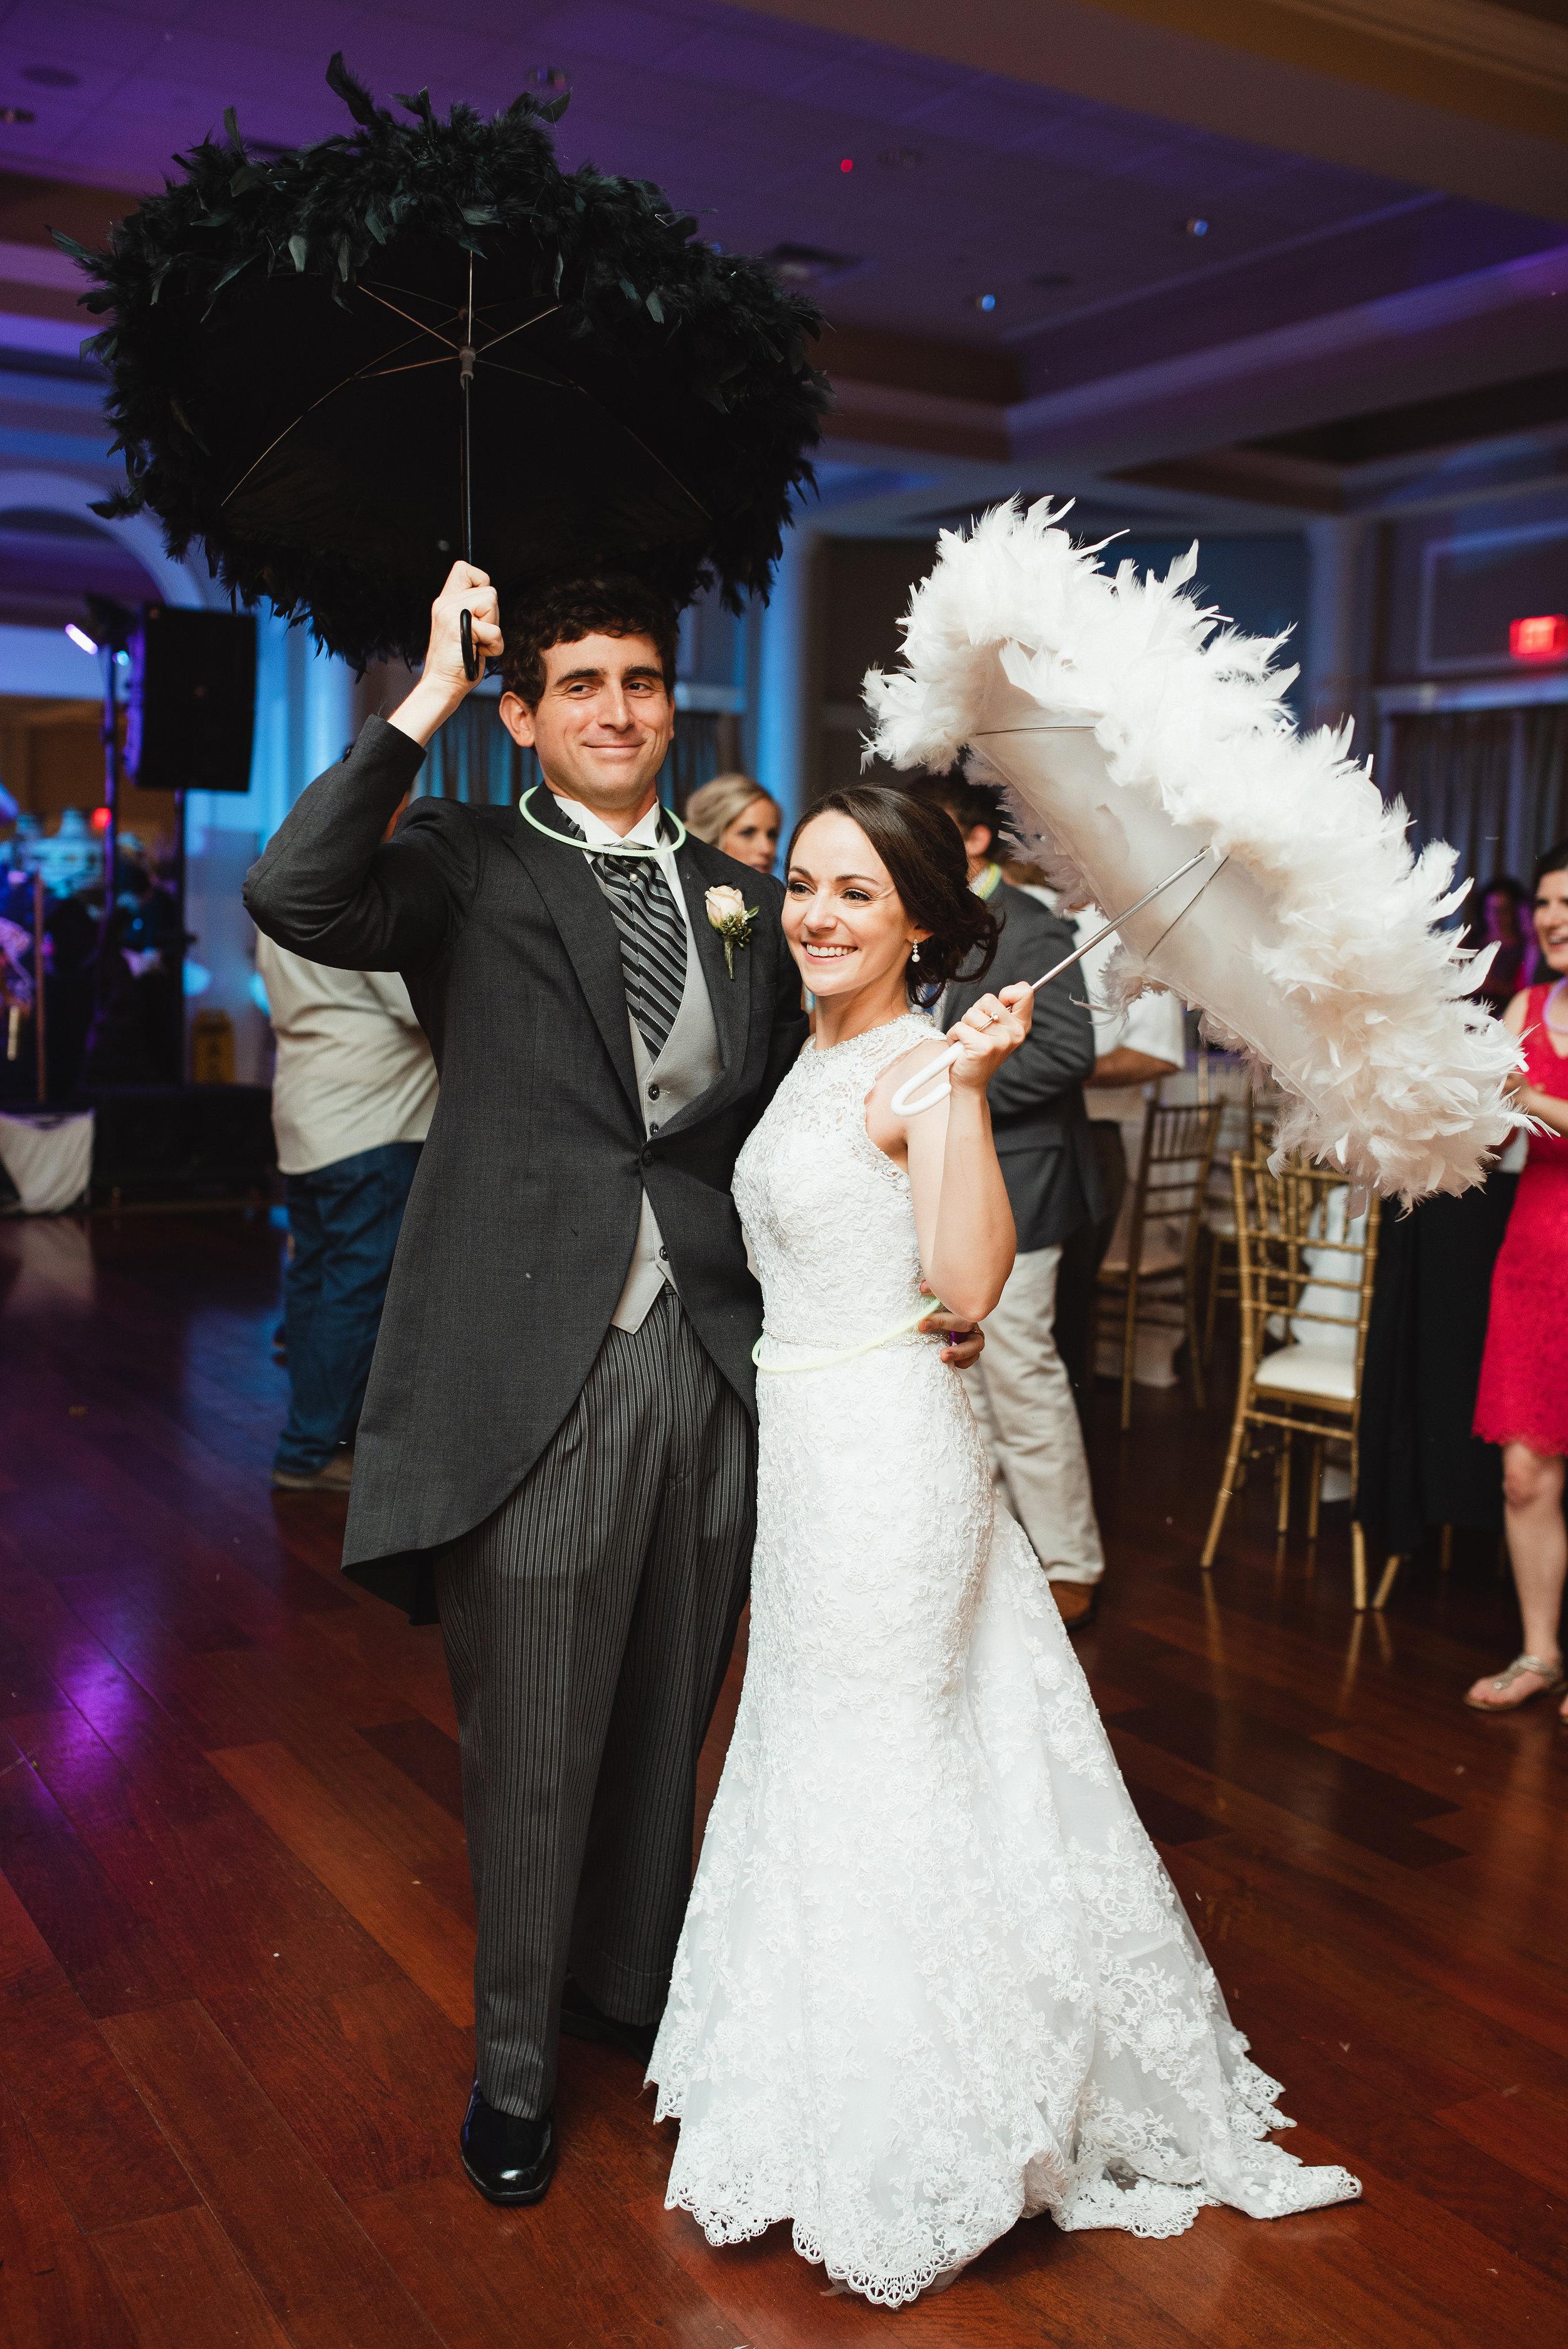 Ducote_Naccari_wedding_0966.jpg